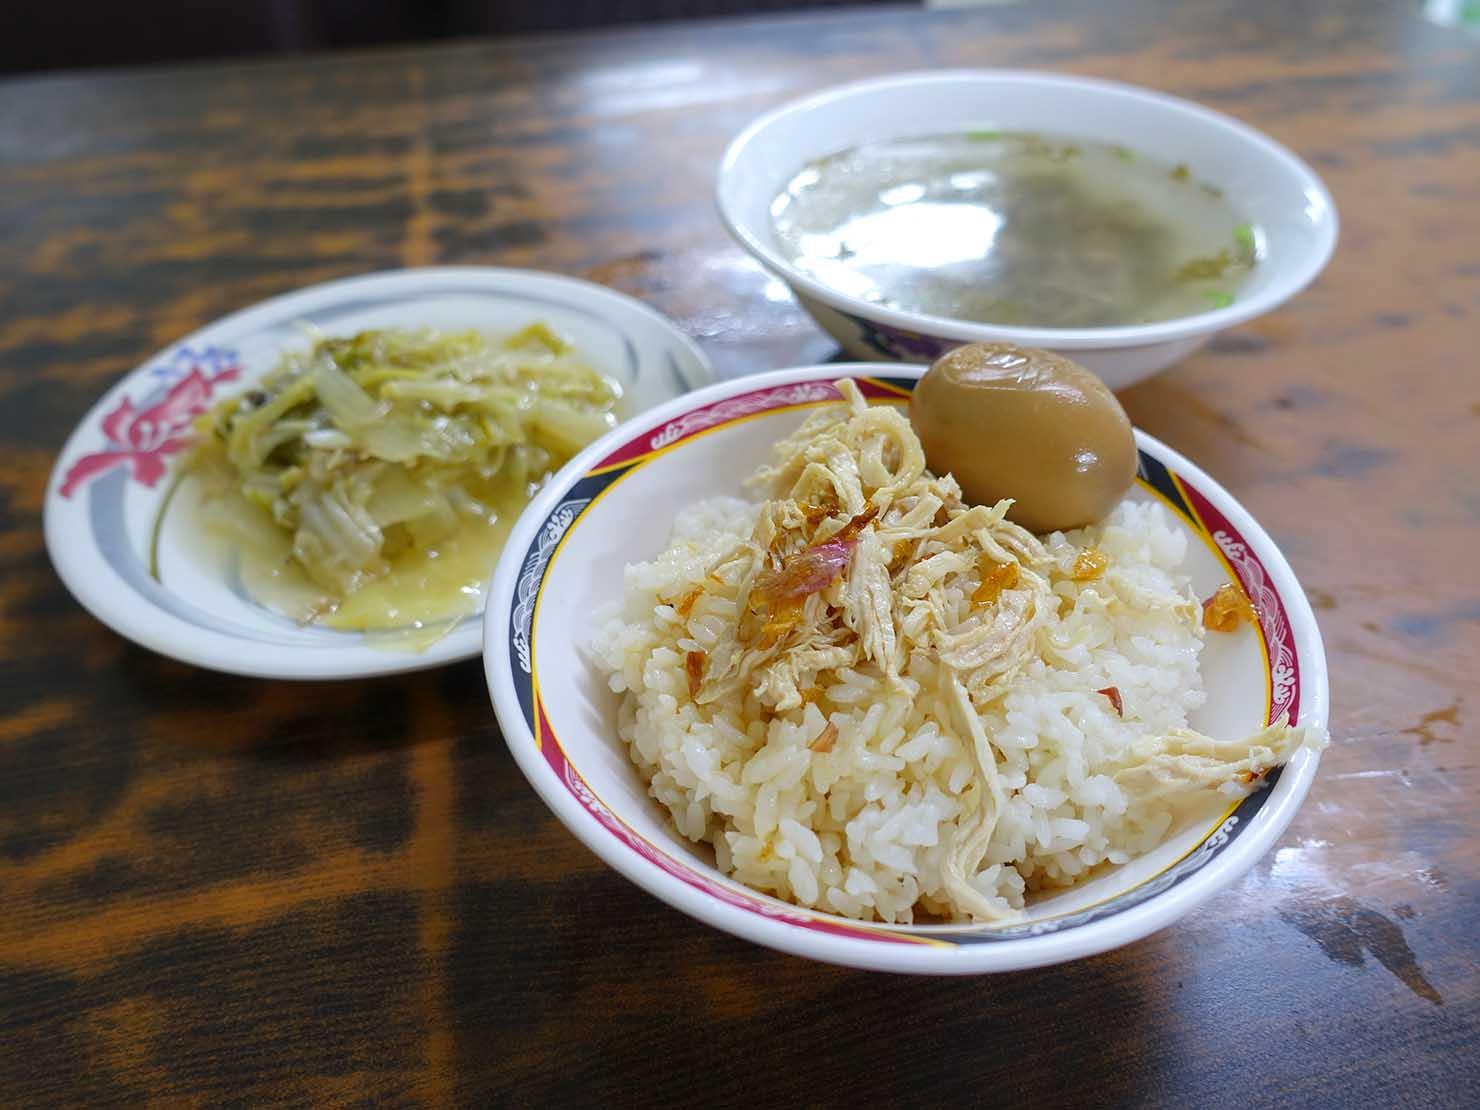 台東觀光夜市の近くで食べた雞肉飯